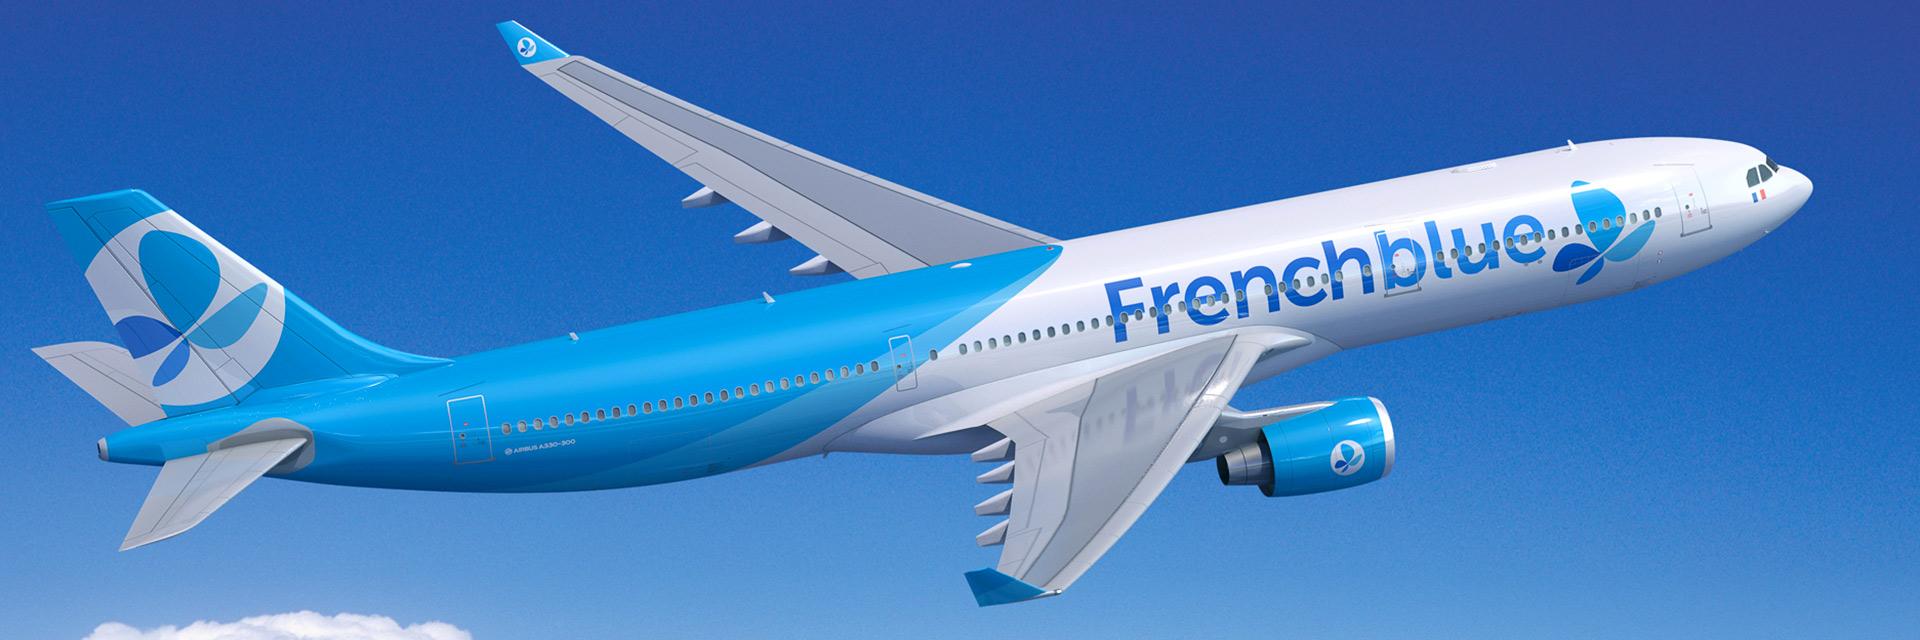 Le Groupe Dubreuil a présenté le dernier né de son pôle aérien baptisé French Blue - la 1ère compagnie aérienne française low-cost et long-courrier.